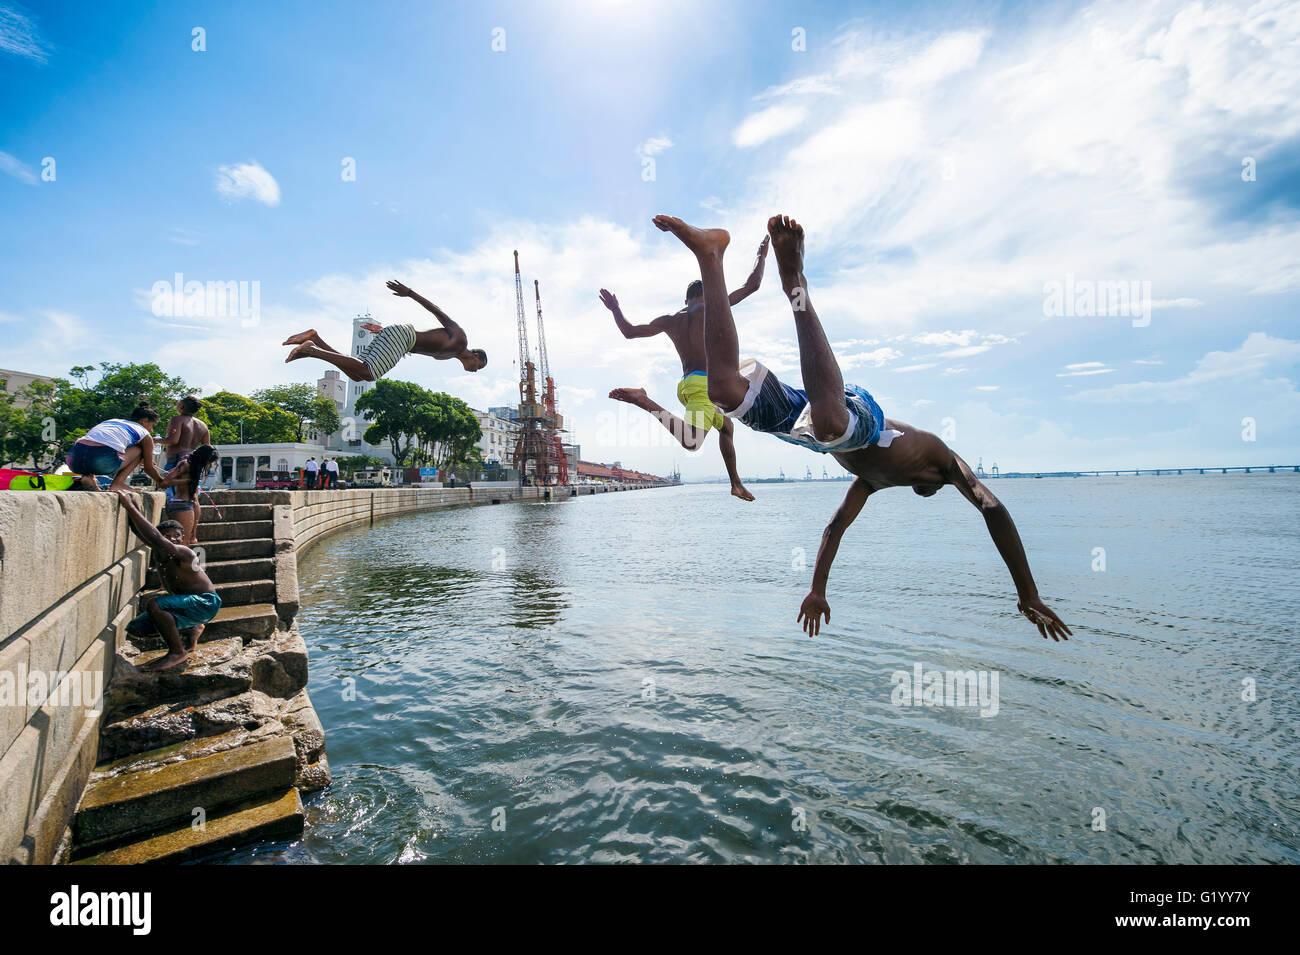 RIO DE JANEIRO - Febbraio 25, 2016: i giovani brasiliani salto nella baia di Guanabara da una parete di Maua Plaza Immagini Stock